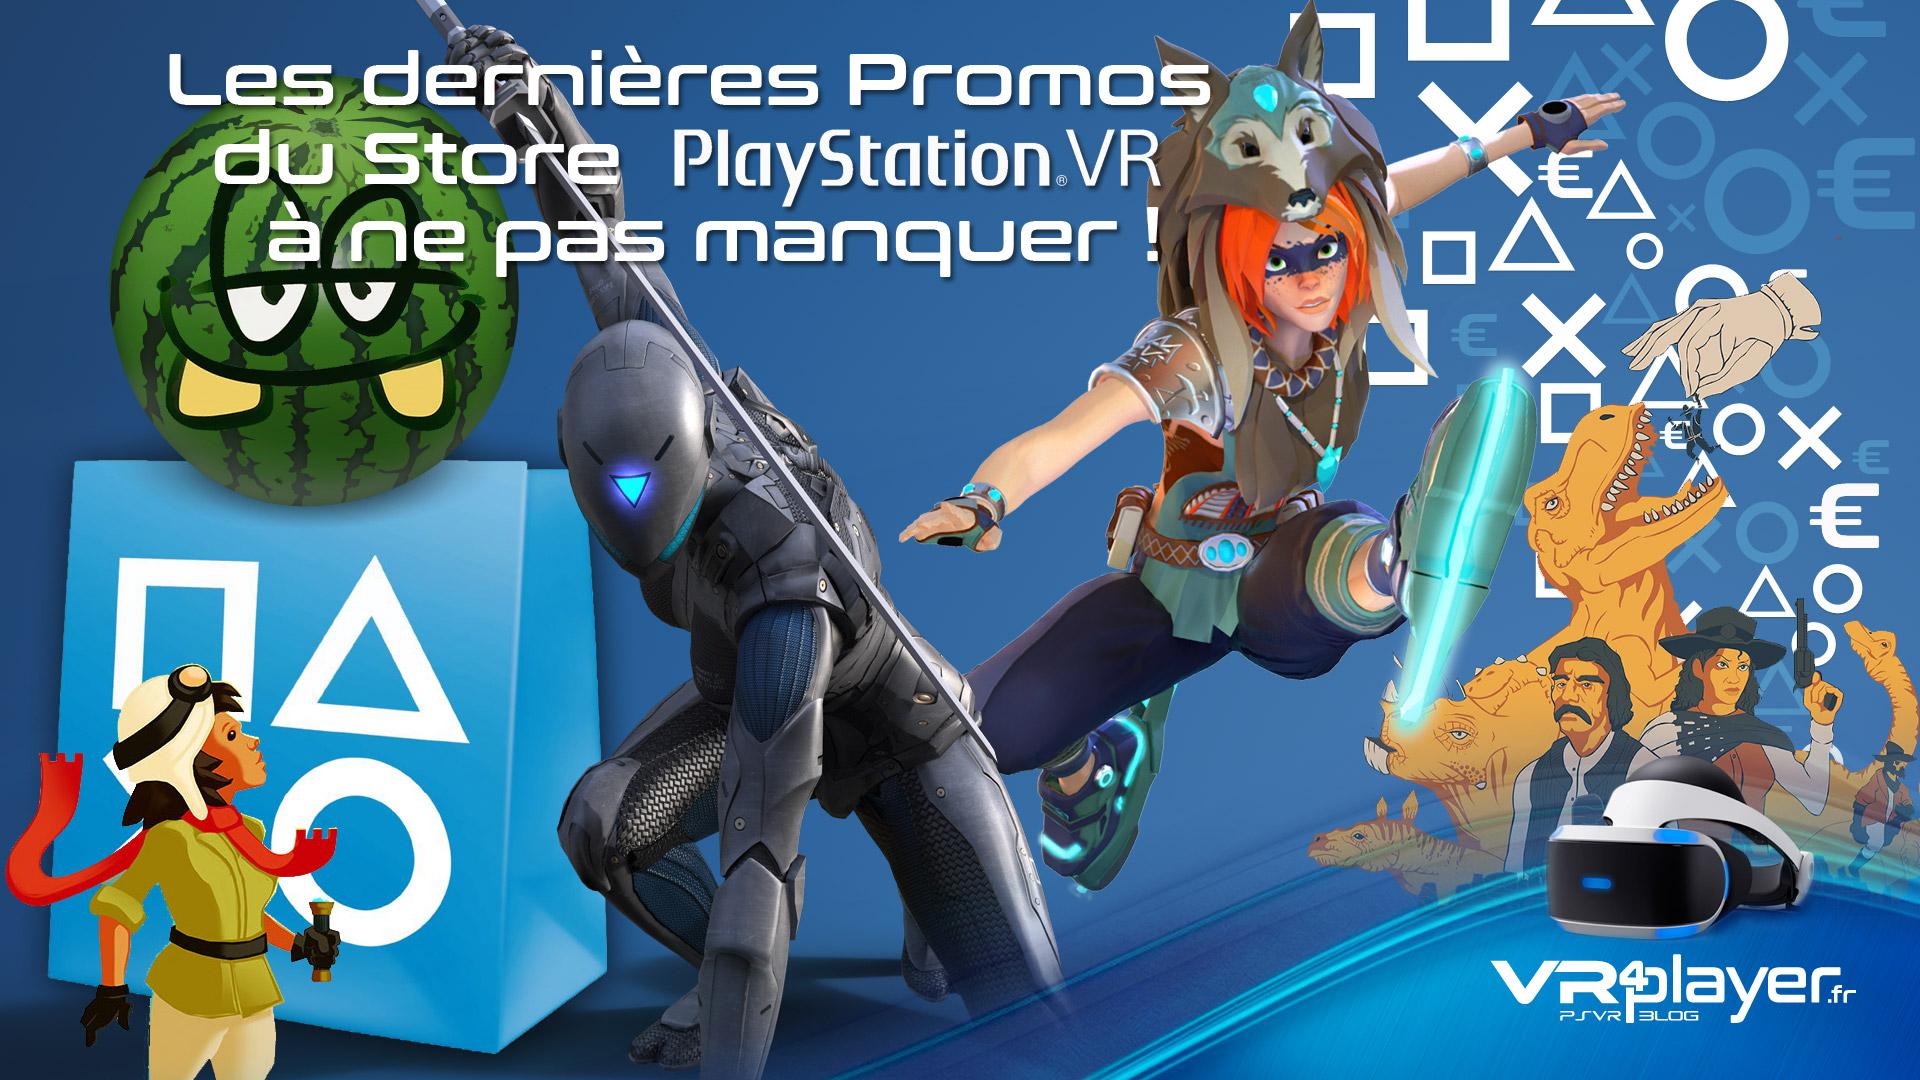 Les promos du Store PSVR continuent vr4player.fr